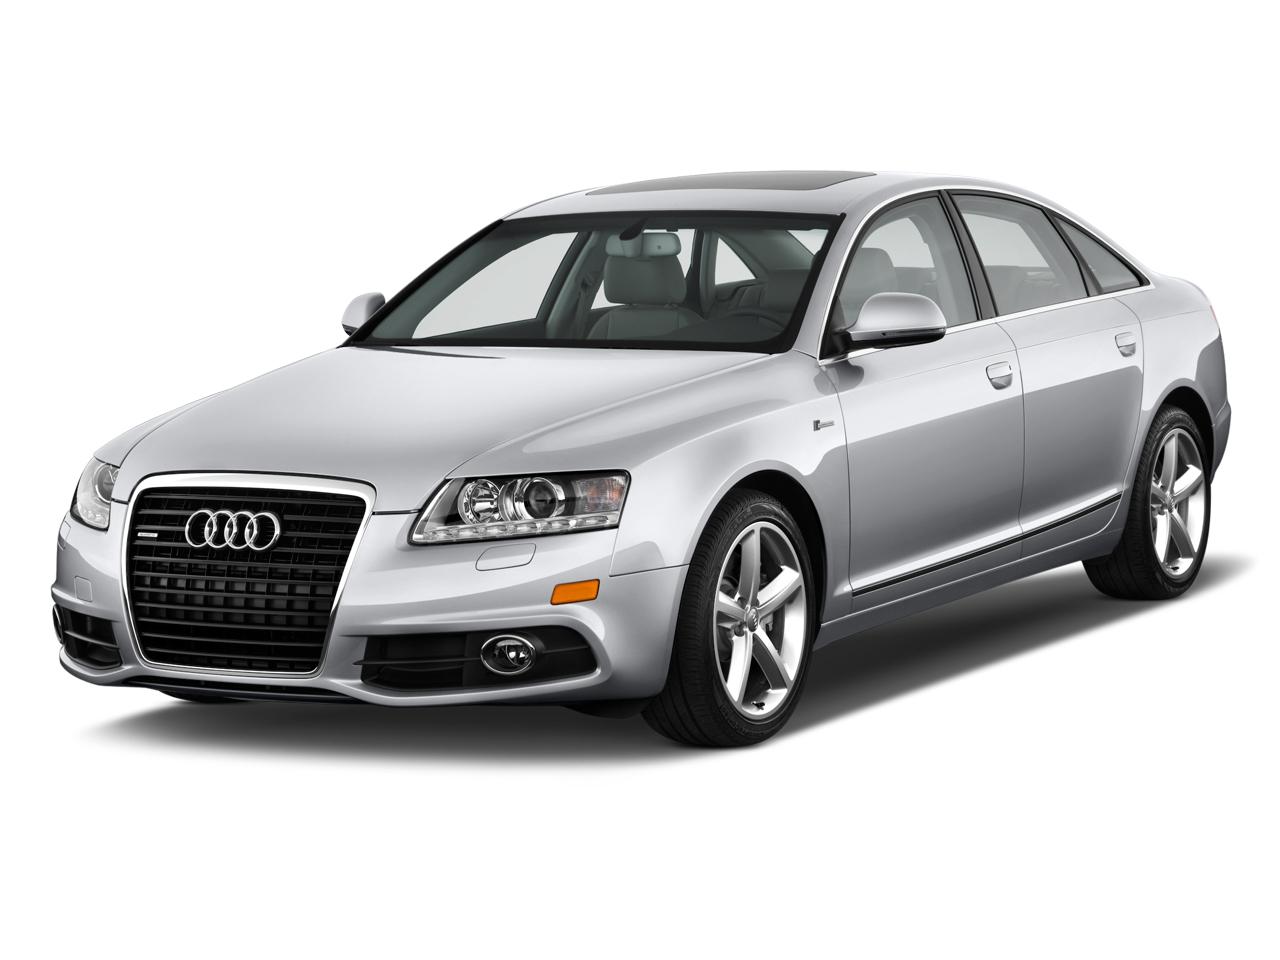 Kelebihan Kekurangan Audi A6 Review